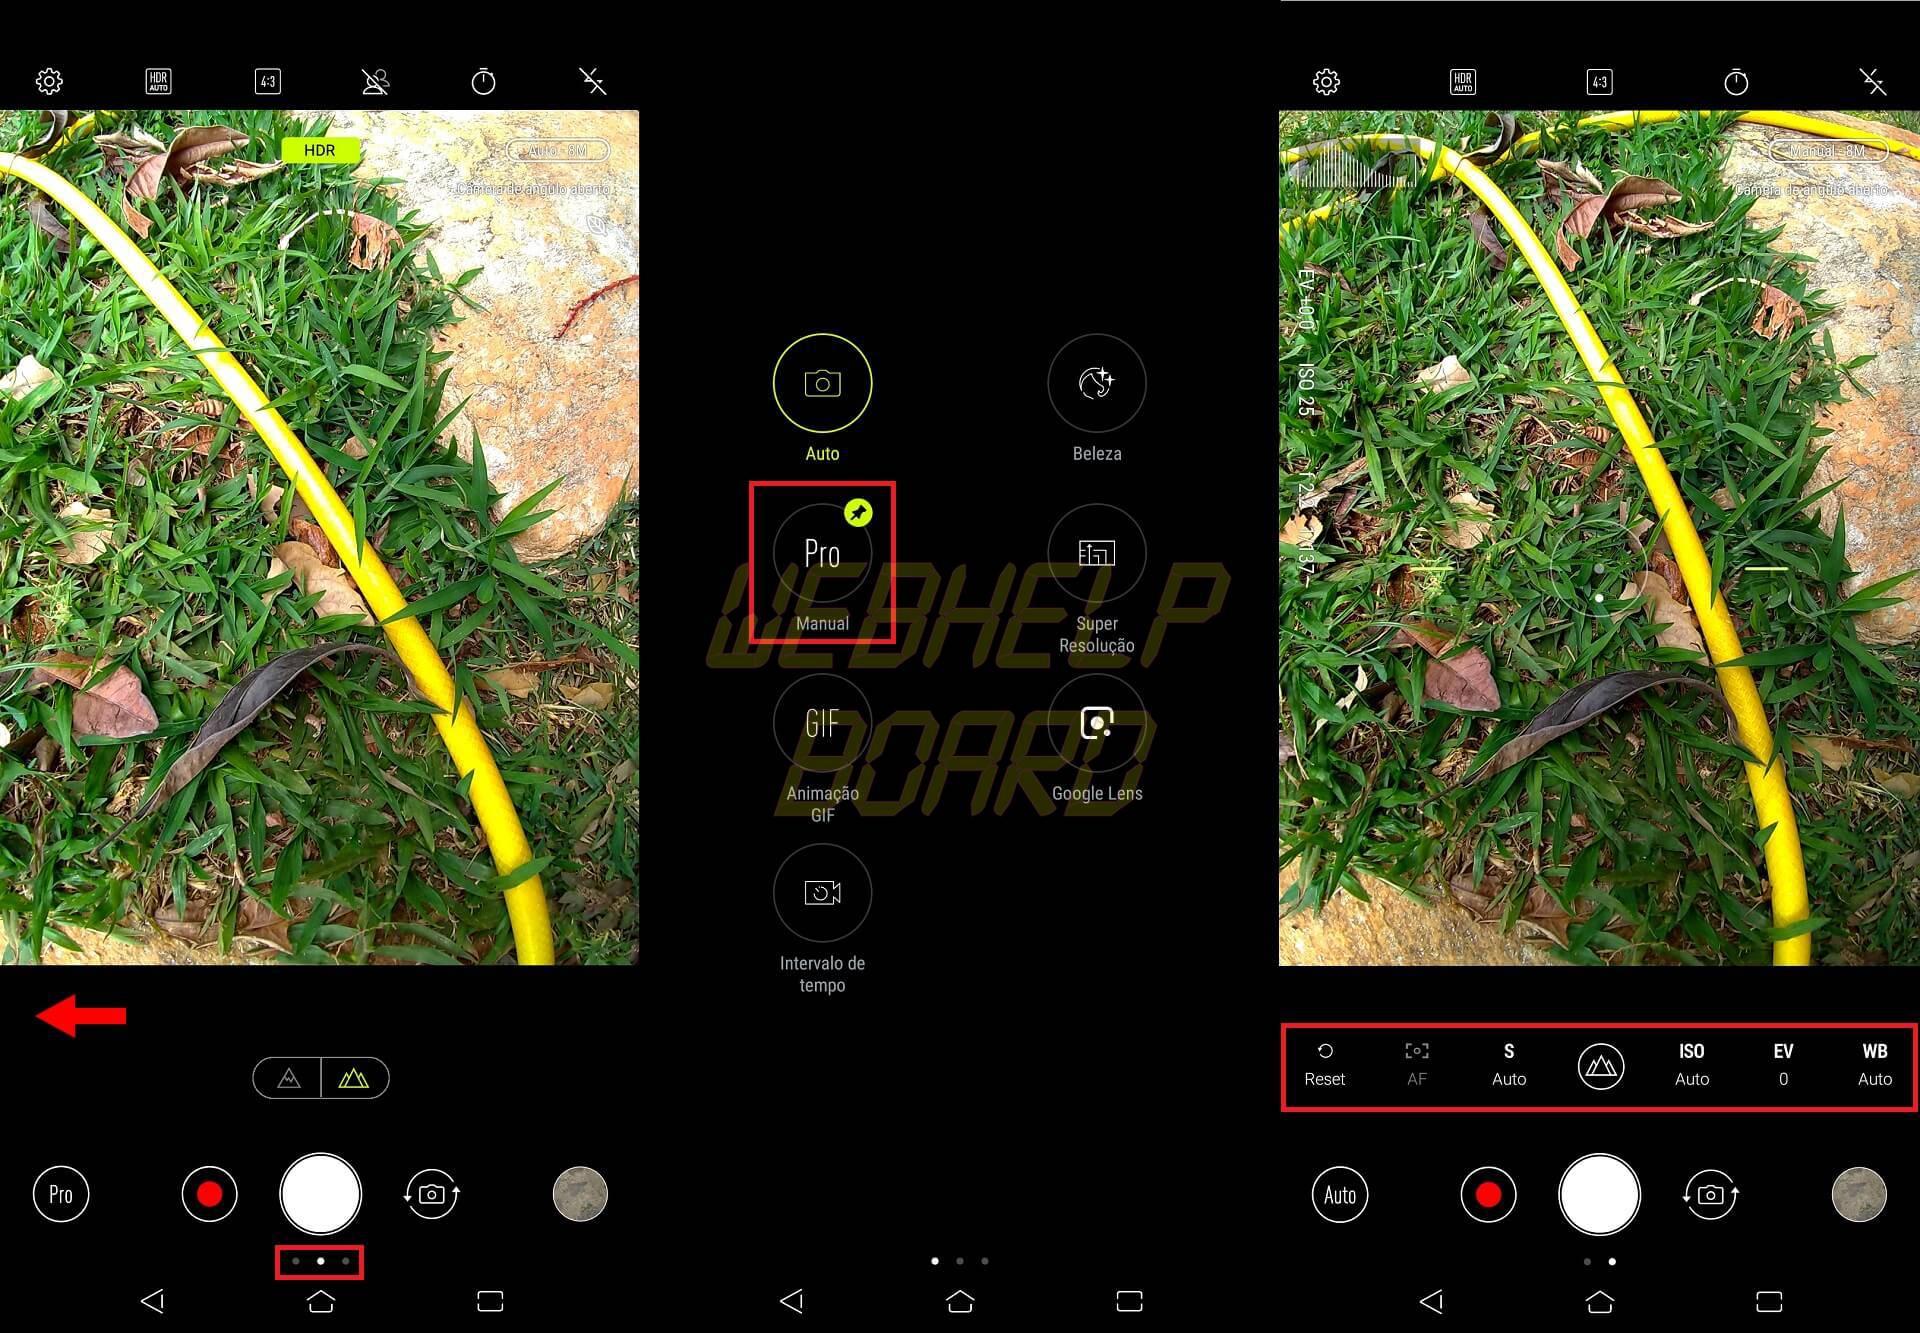 IMG 2 1 - Descubra 23 dicas e truques para os Asus Zenfone 5 e Zenfone 5Z